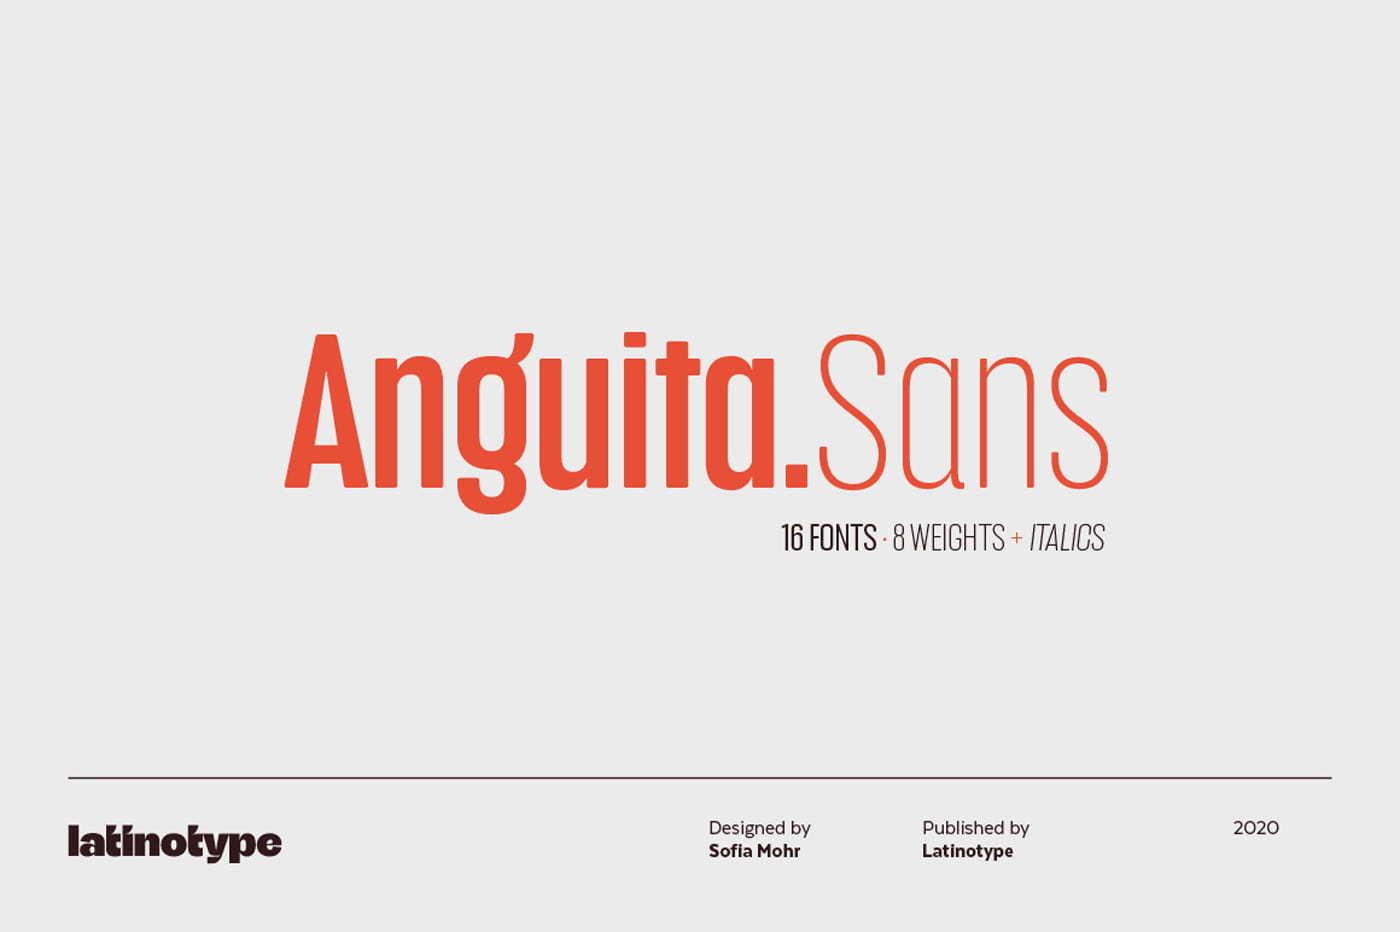 Anguita Sans has 16 styles